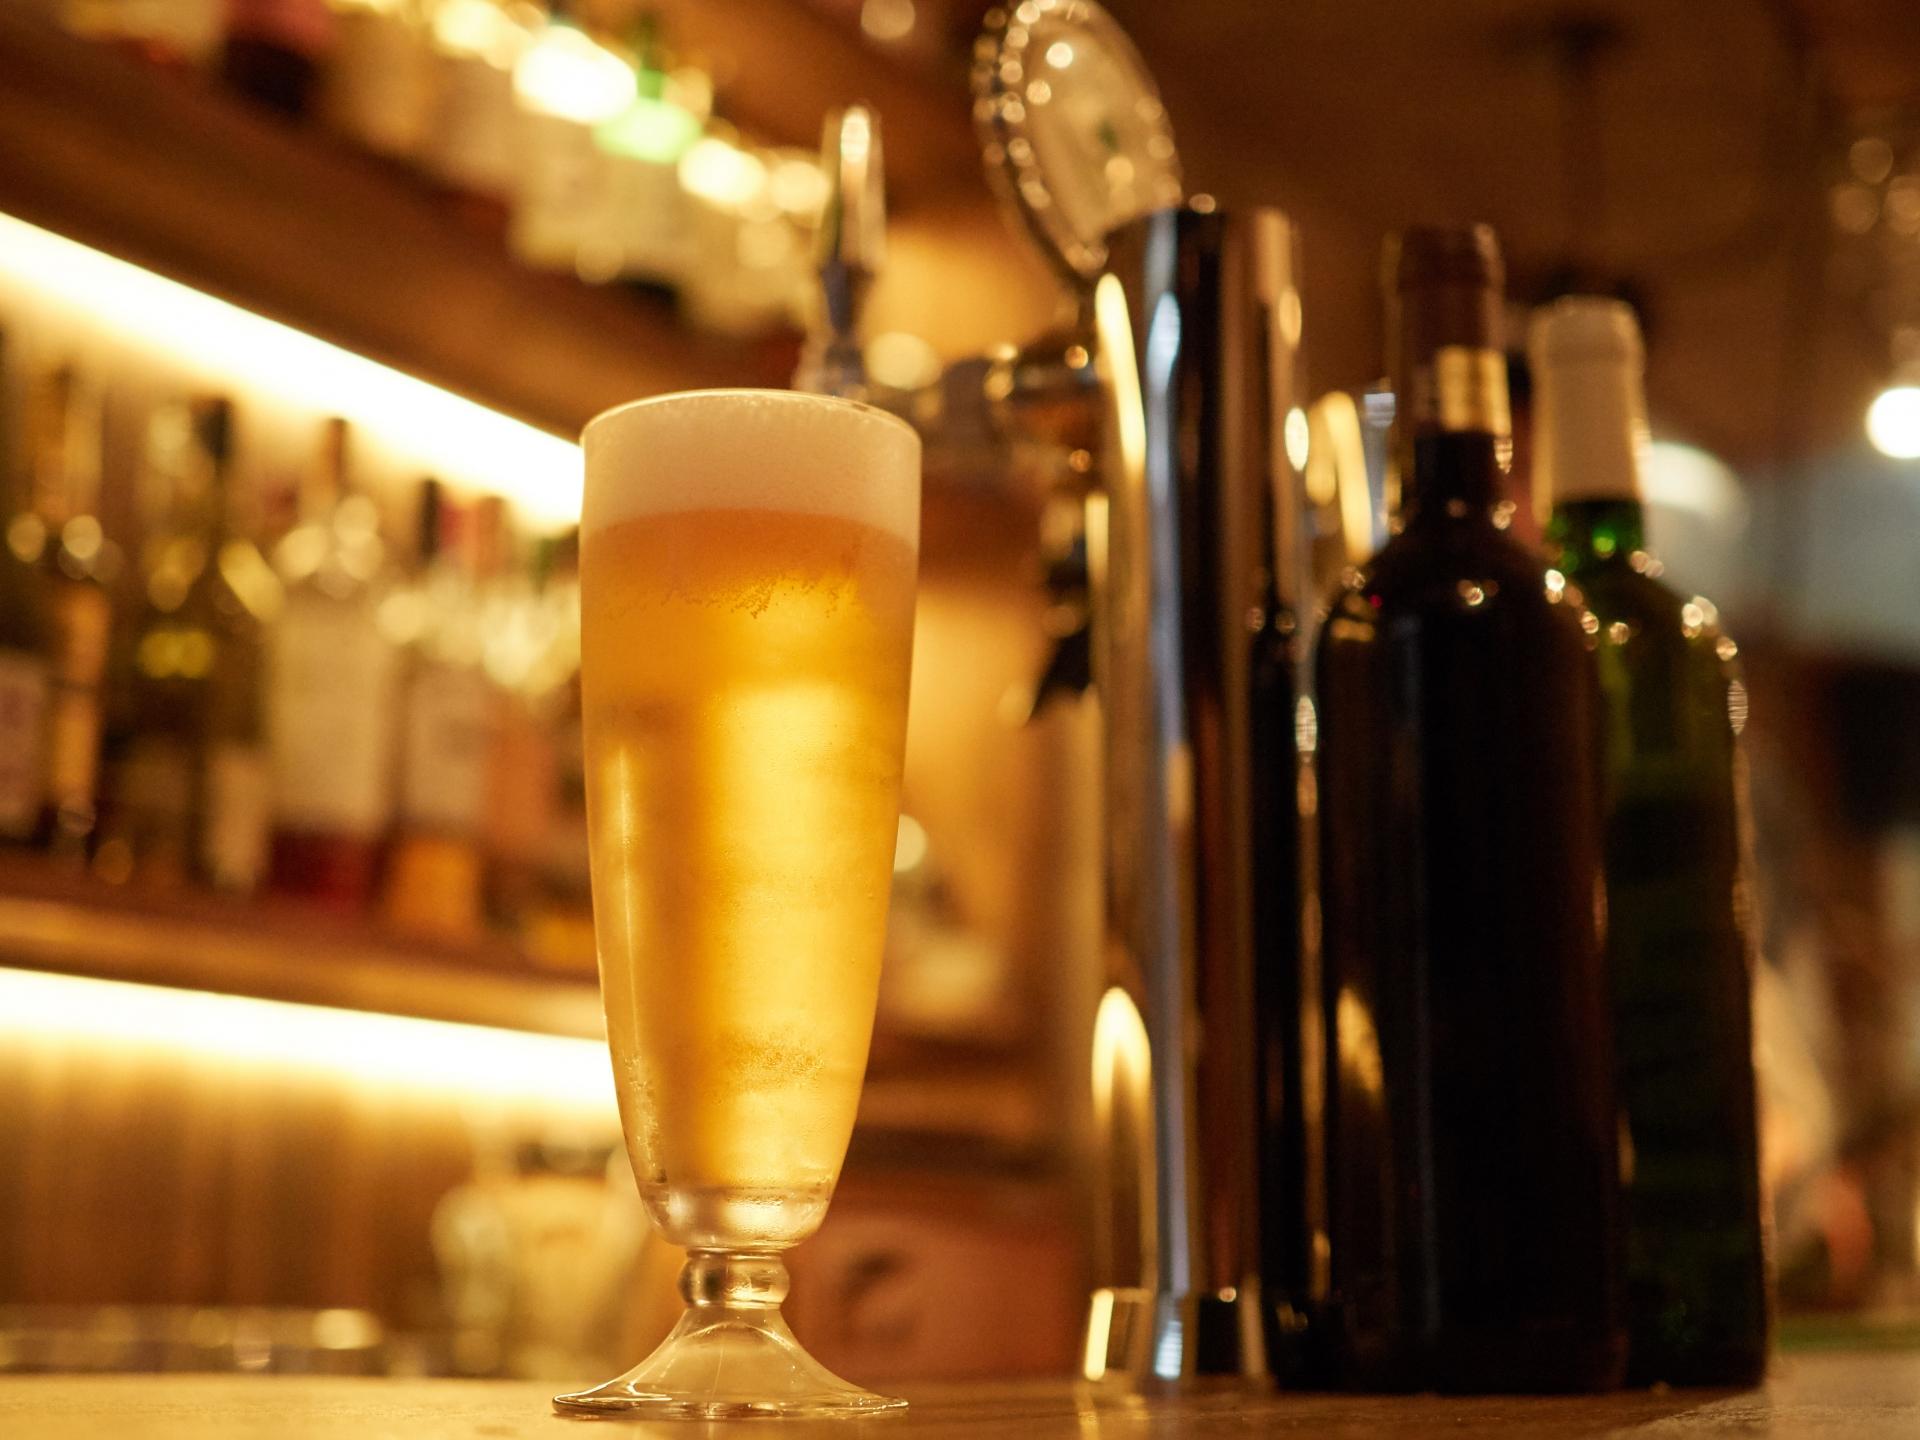 ドイツビールランキングTOP11!おすすめの種類や有名・人気な商品は?